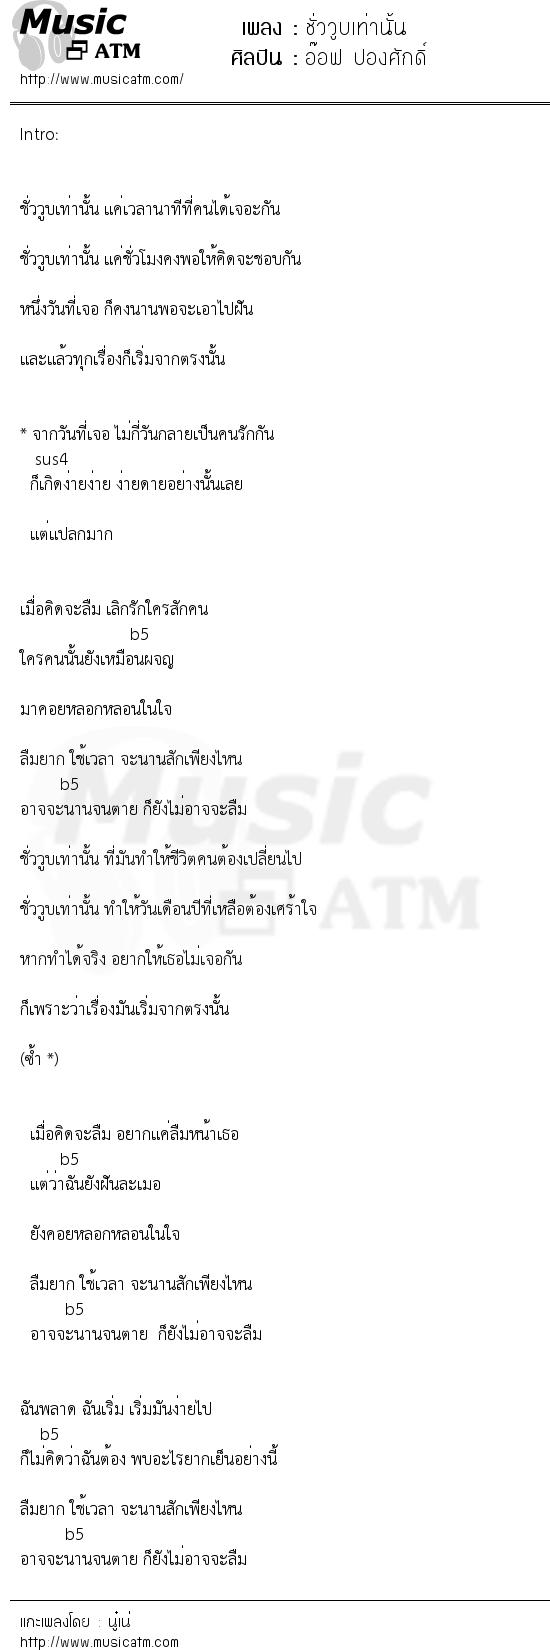 เนื้อเพลง ชั่ววูบเท่านั้น - อ๊อฟ ปองศักดิ์   เพลงไทย